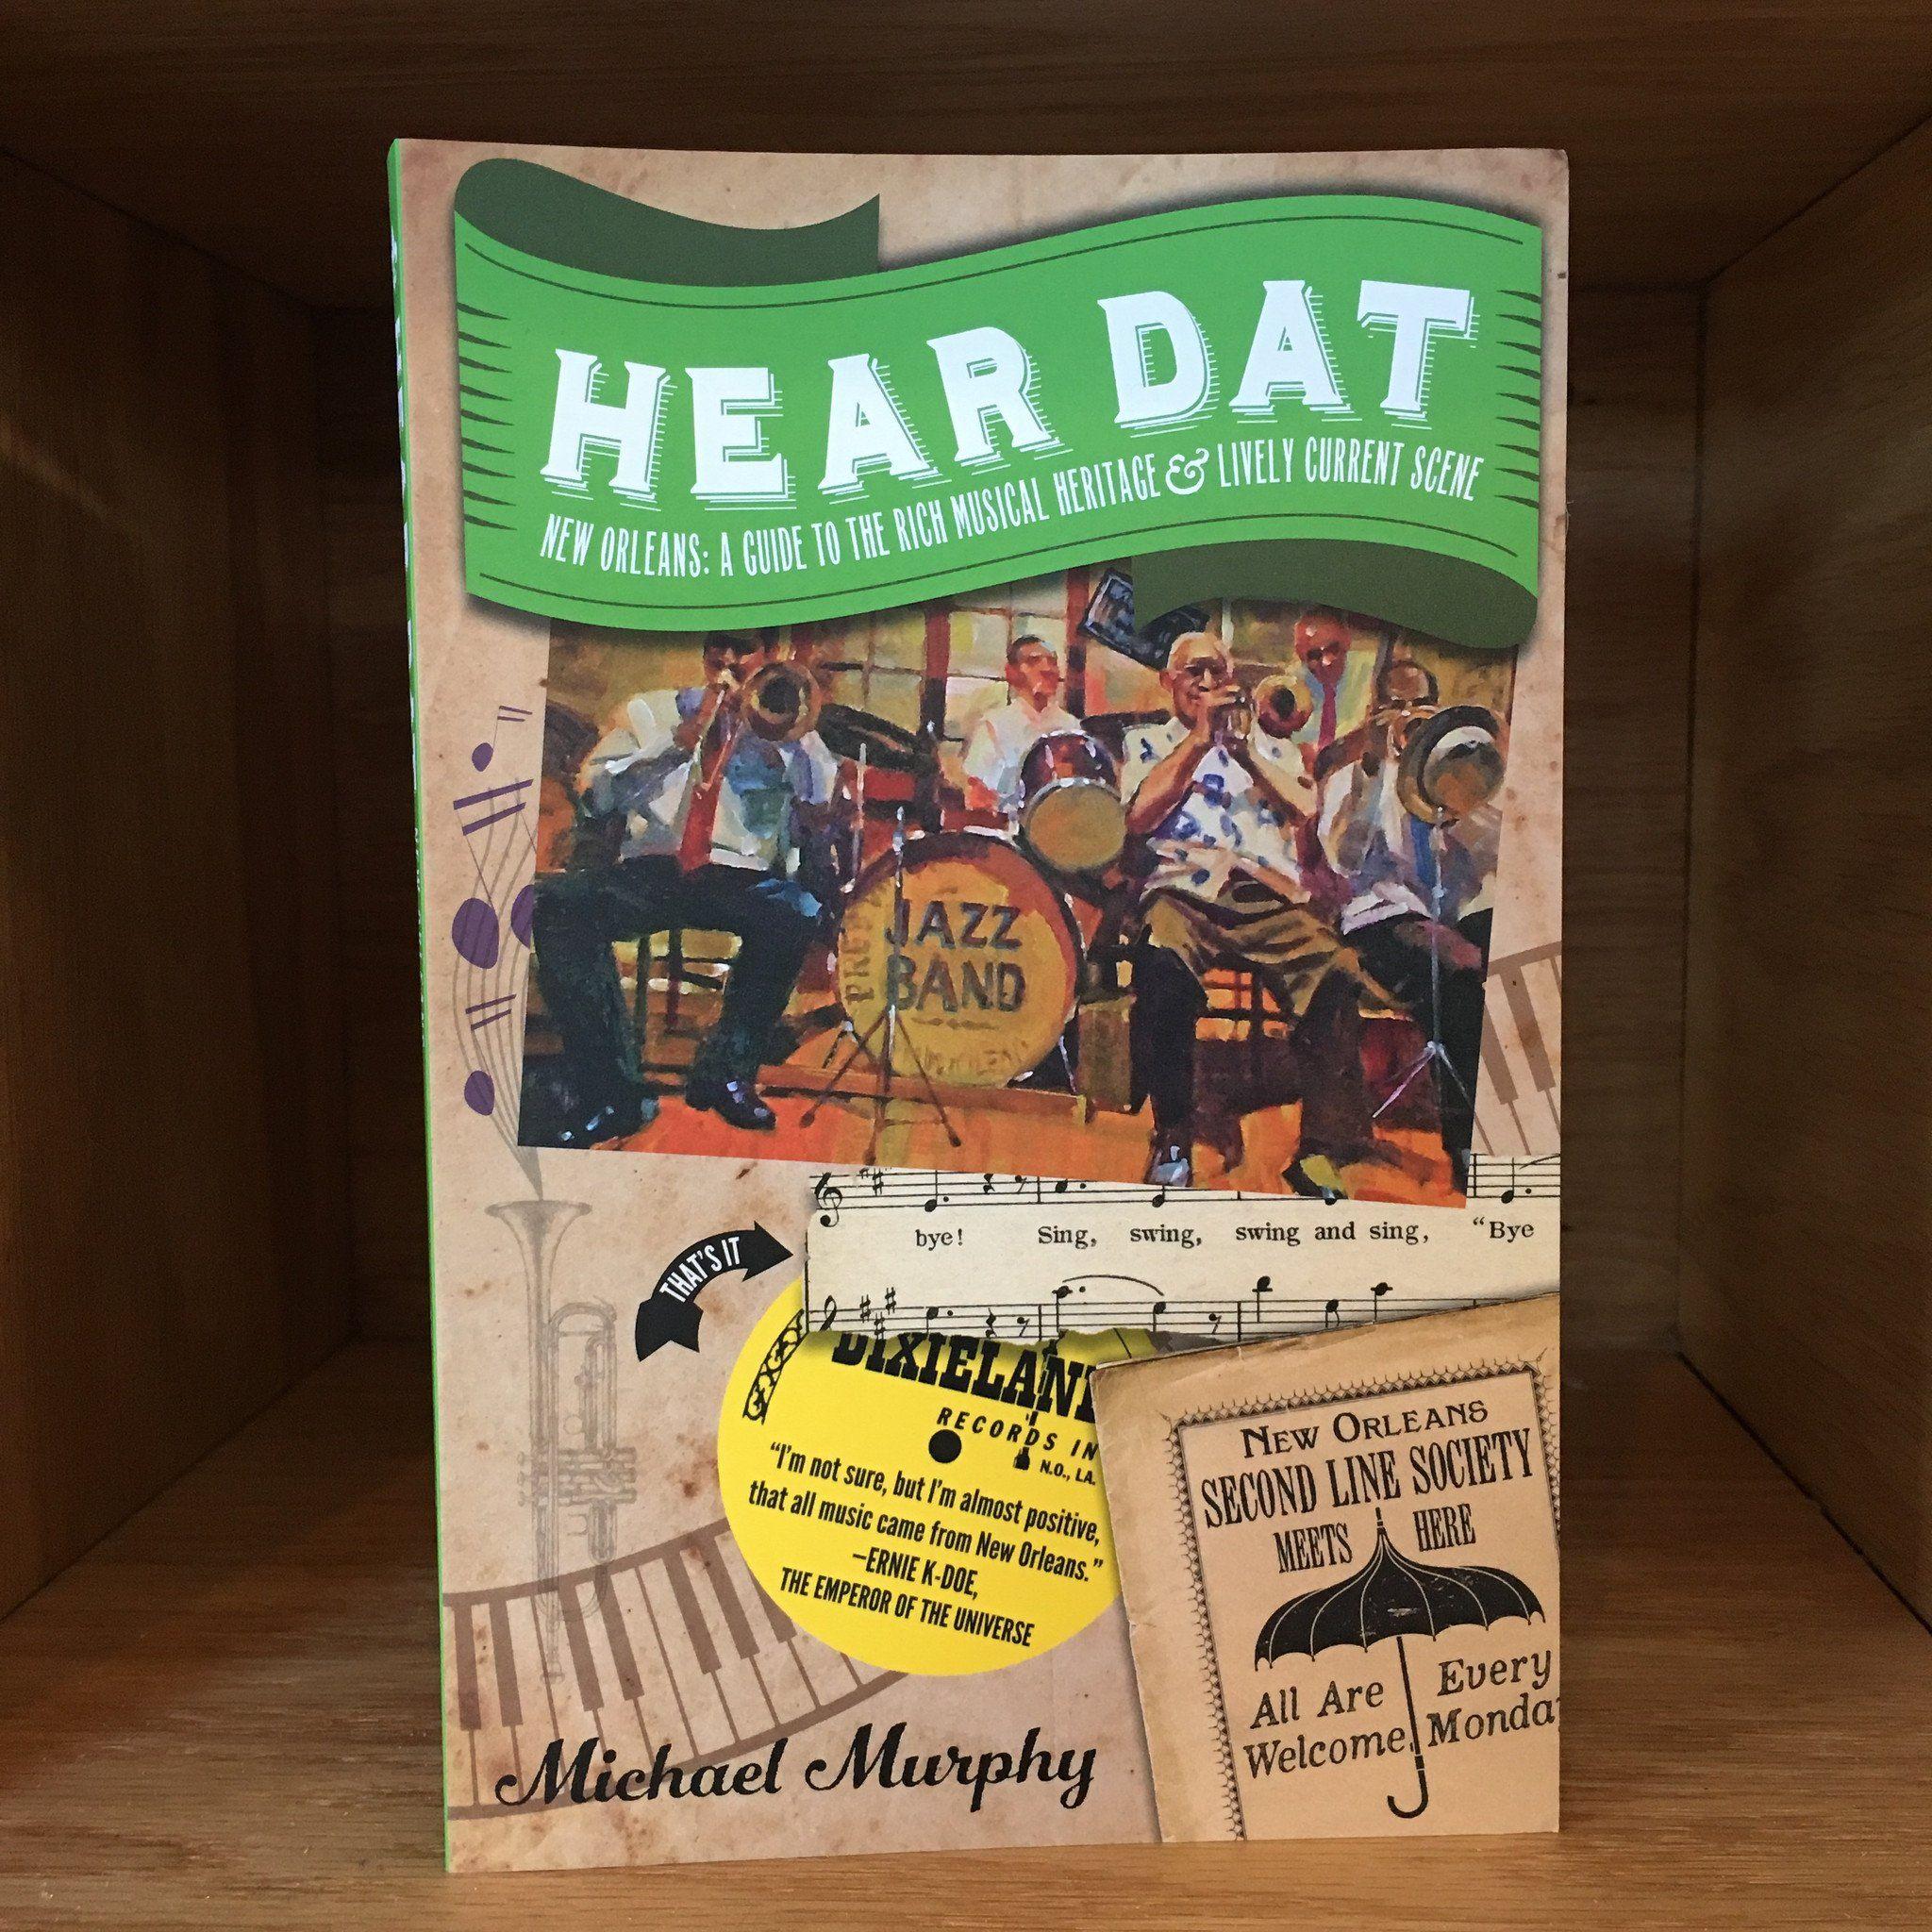 HEAR DAT